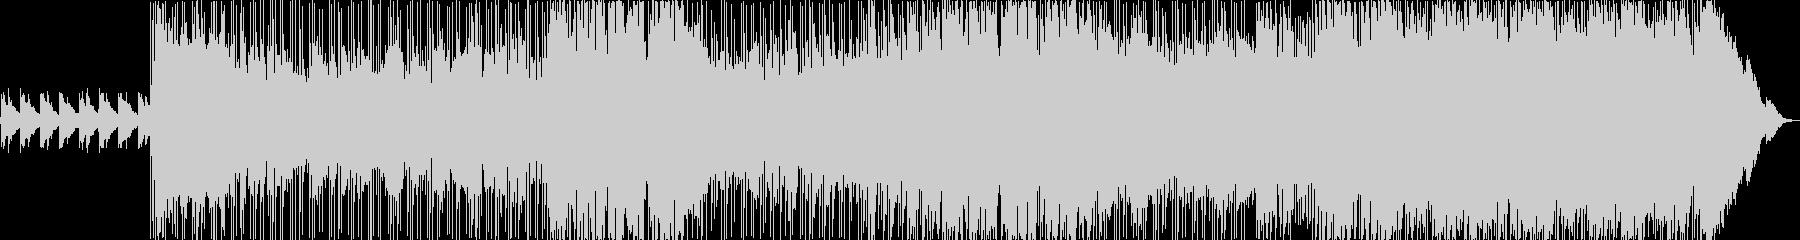 トレモロギターとソアリングコーラス...の未再生の波形